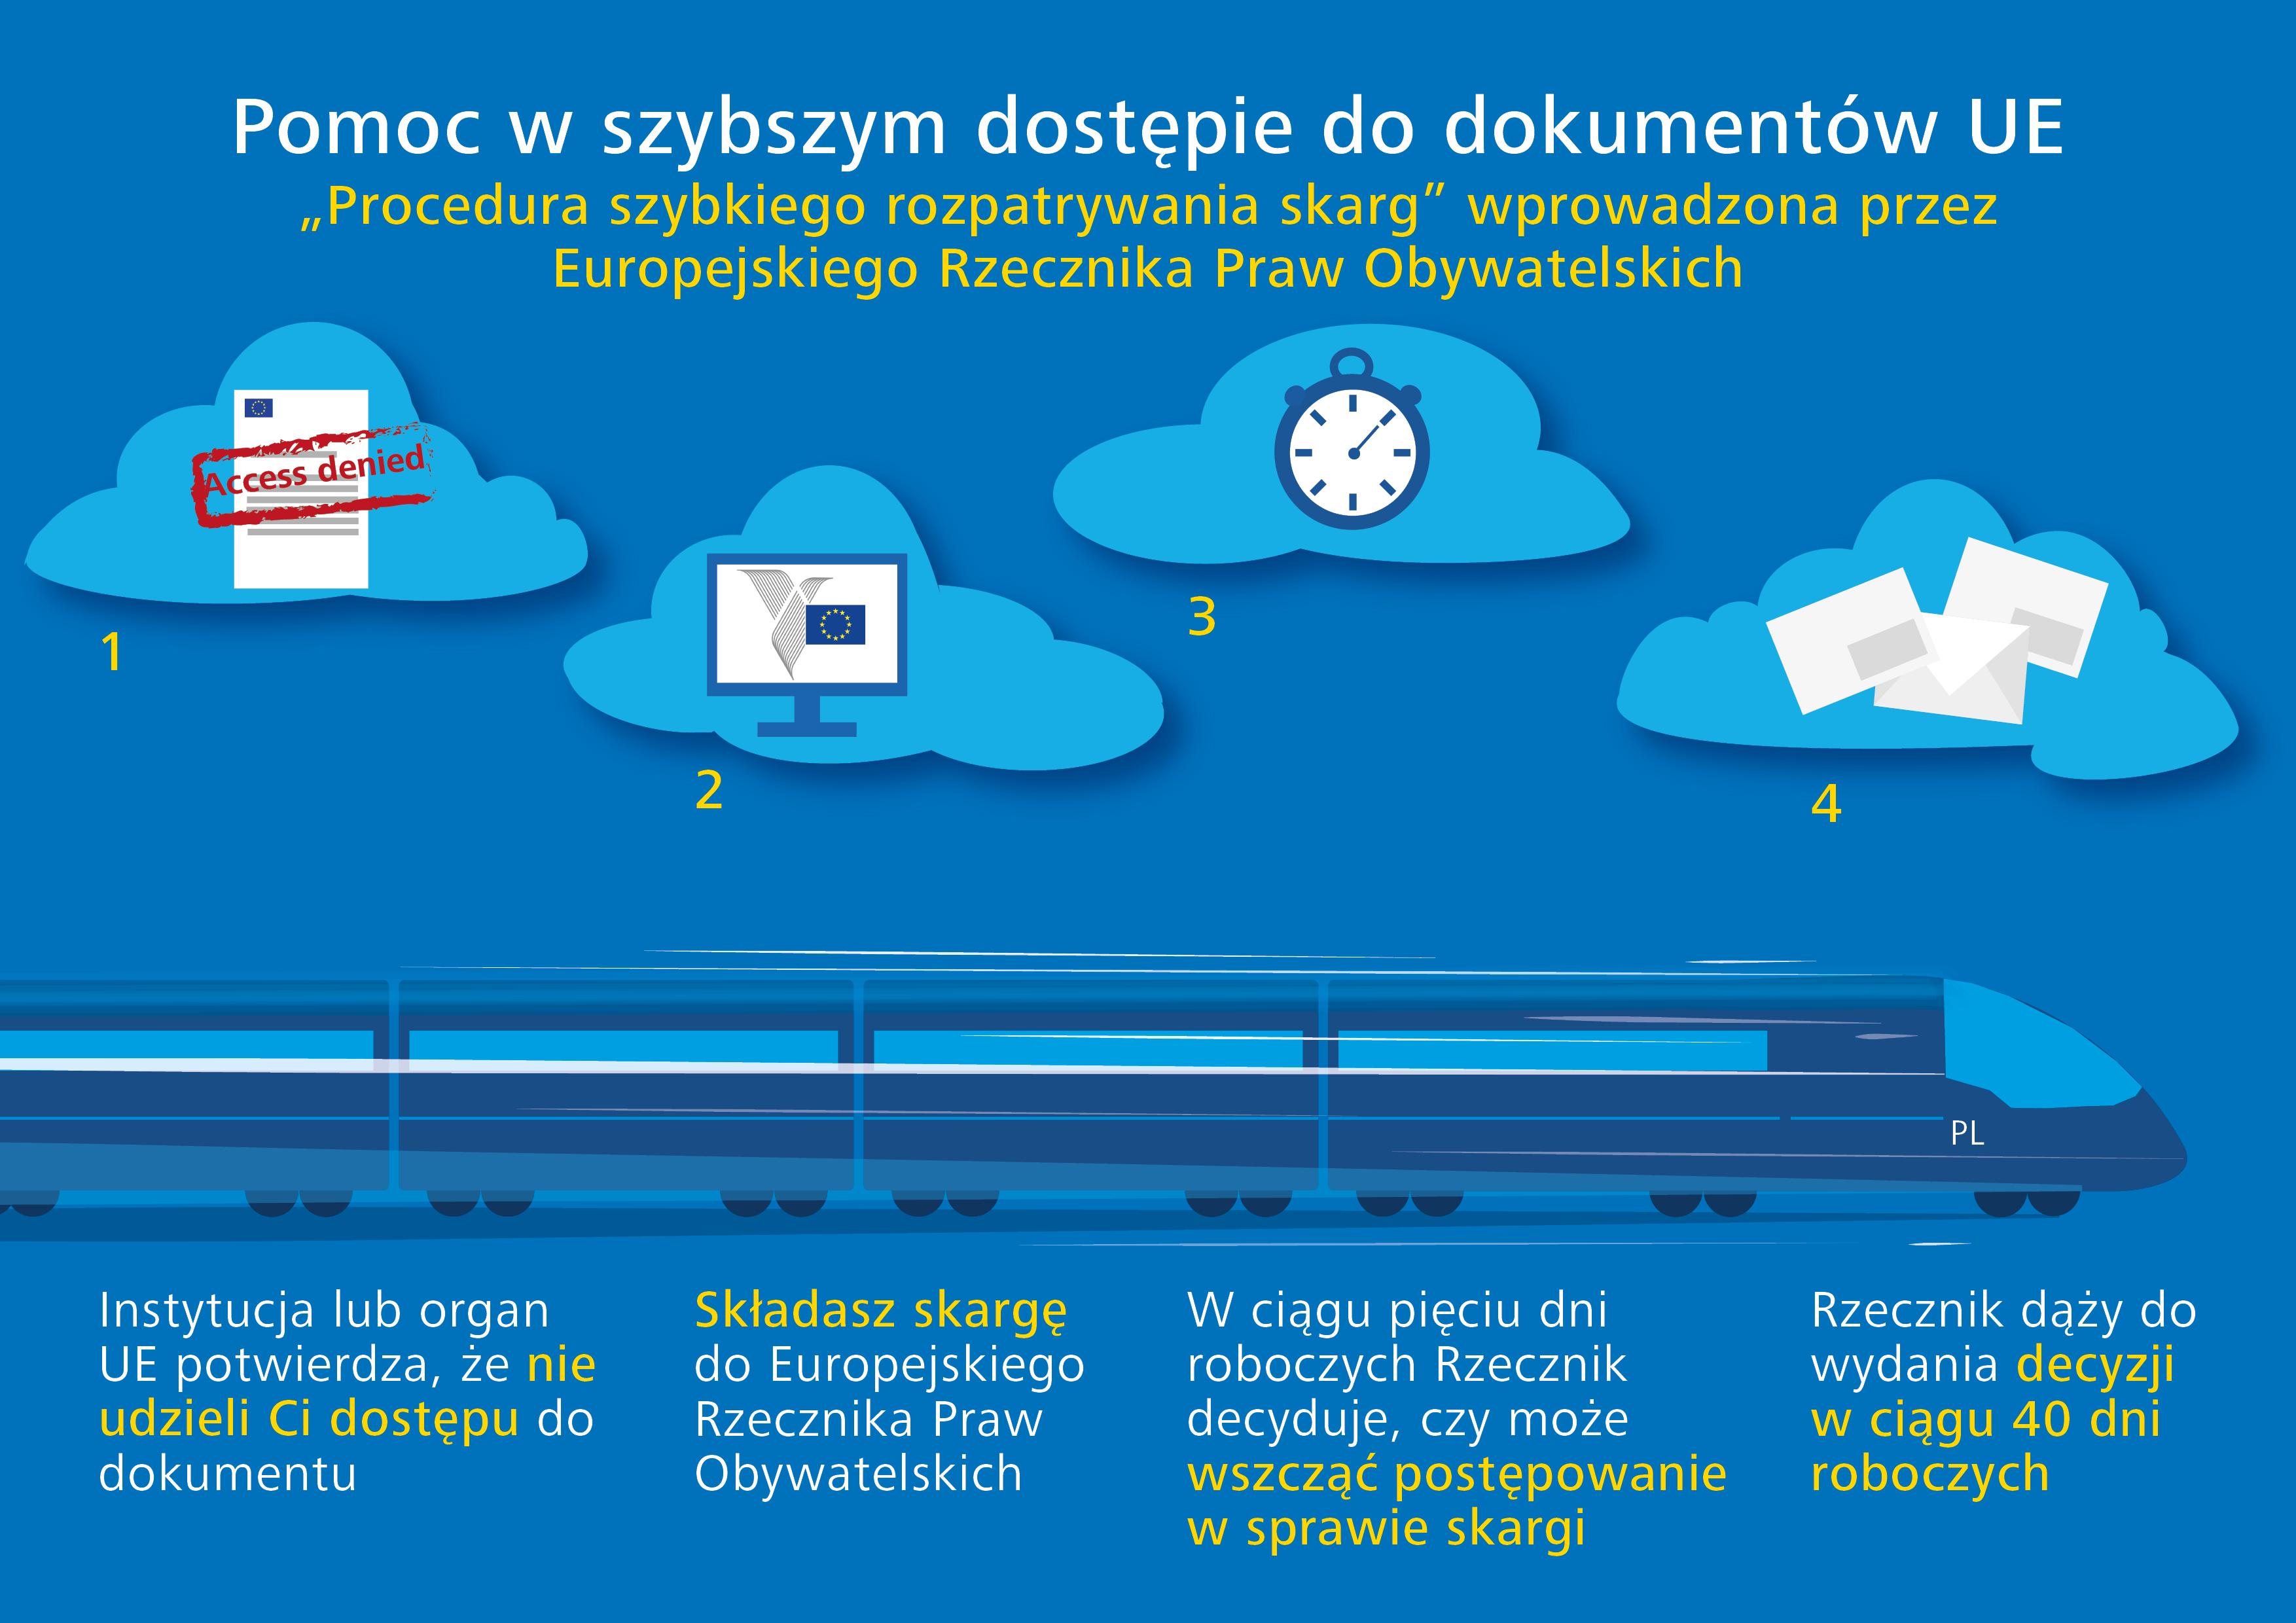 Pomoc w szybszym dostępie do dokumentów UE